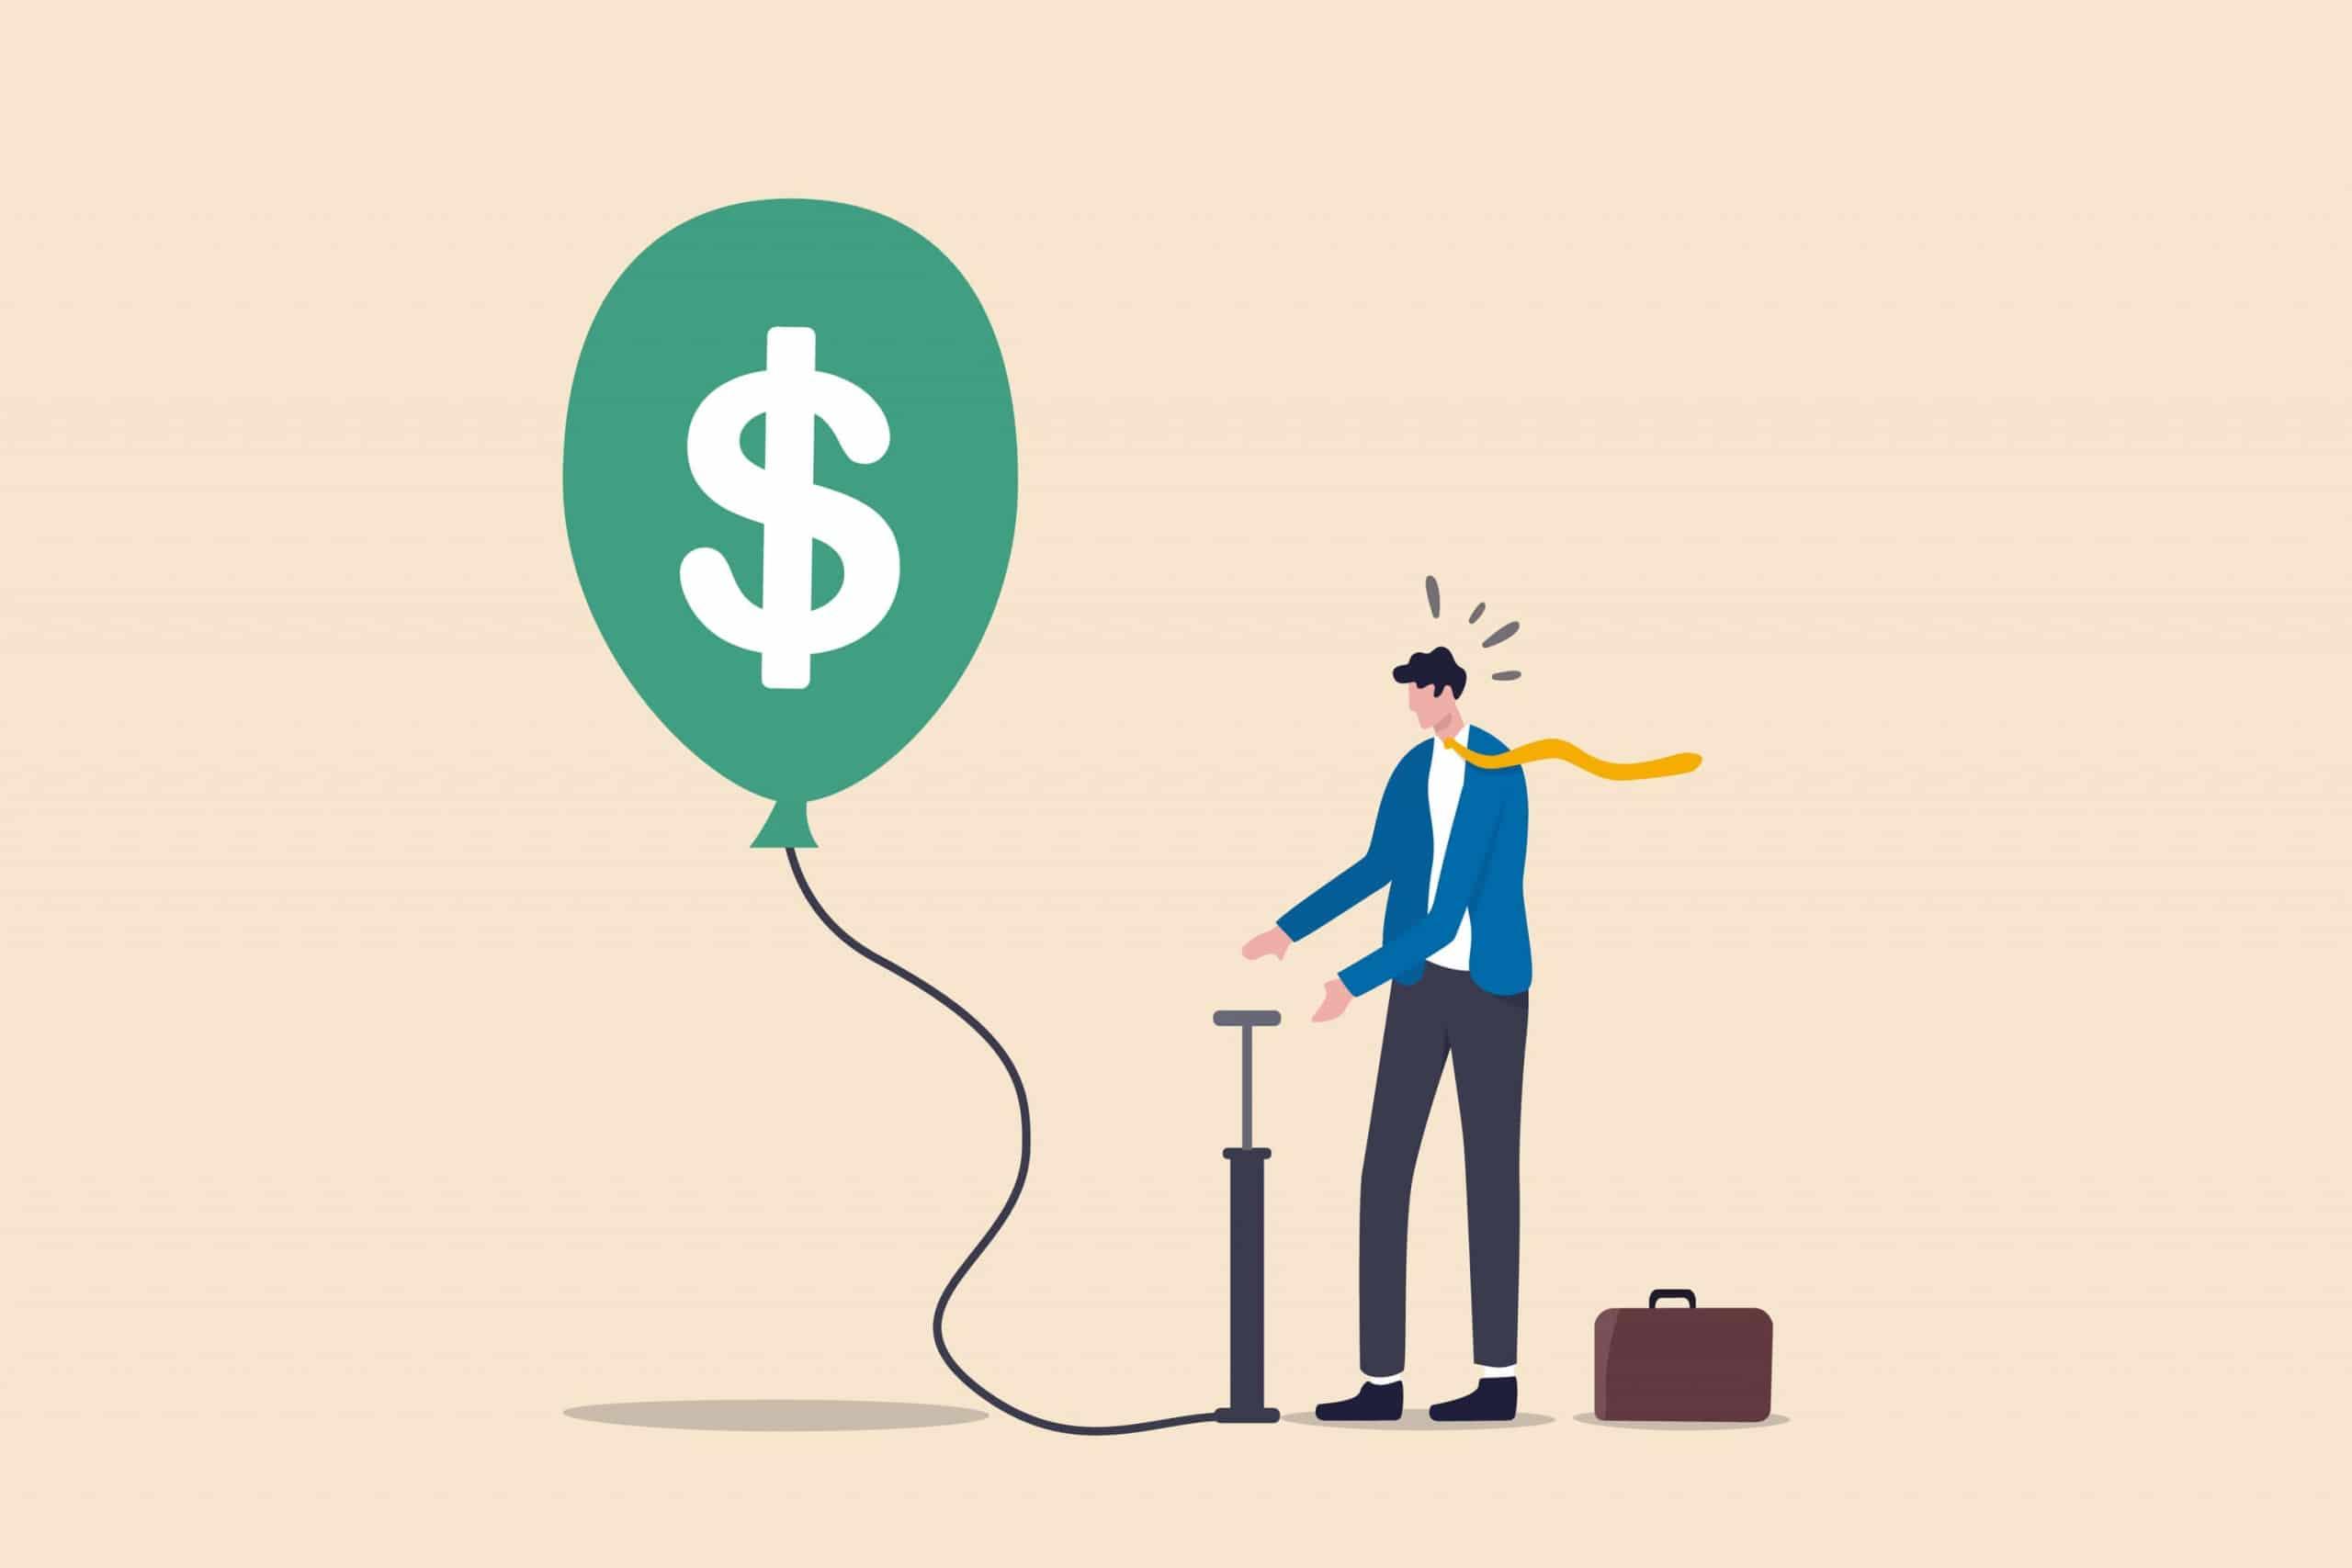 USD gain strong pump